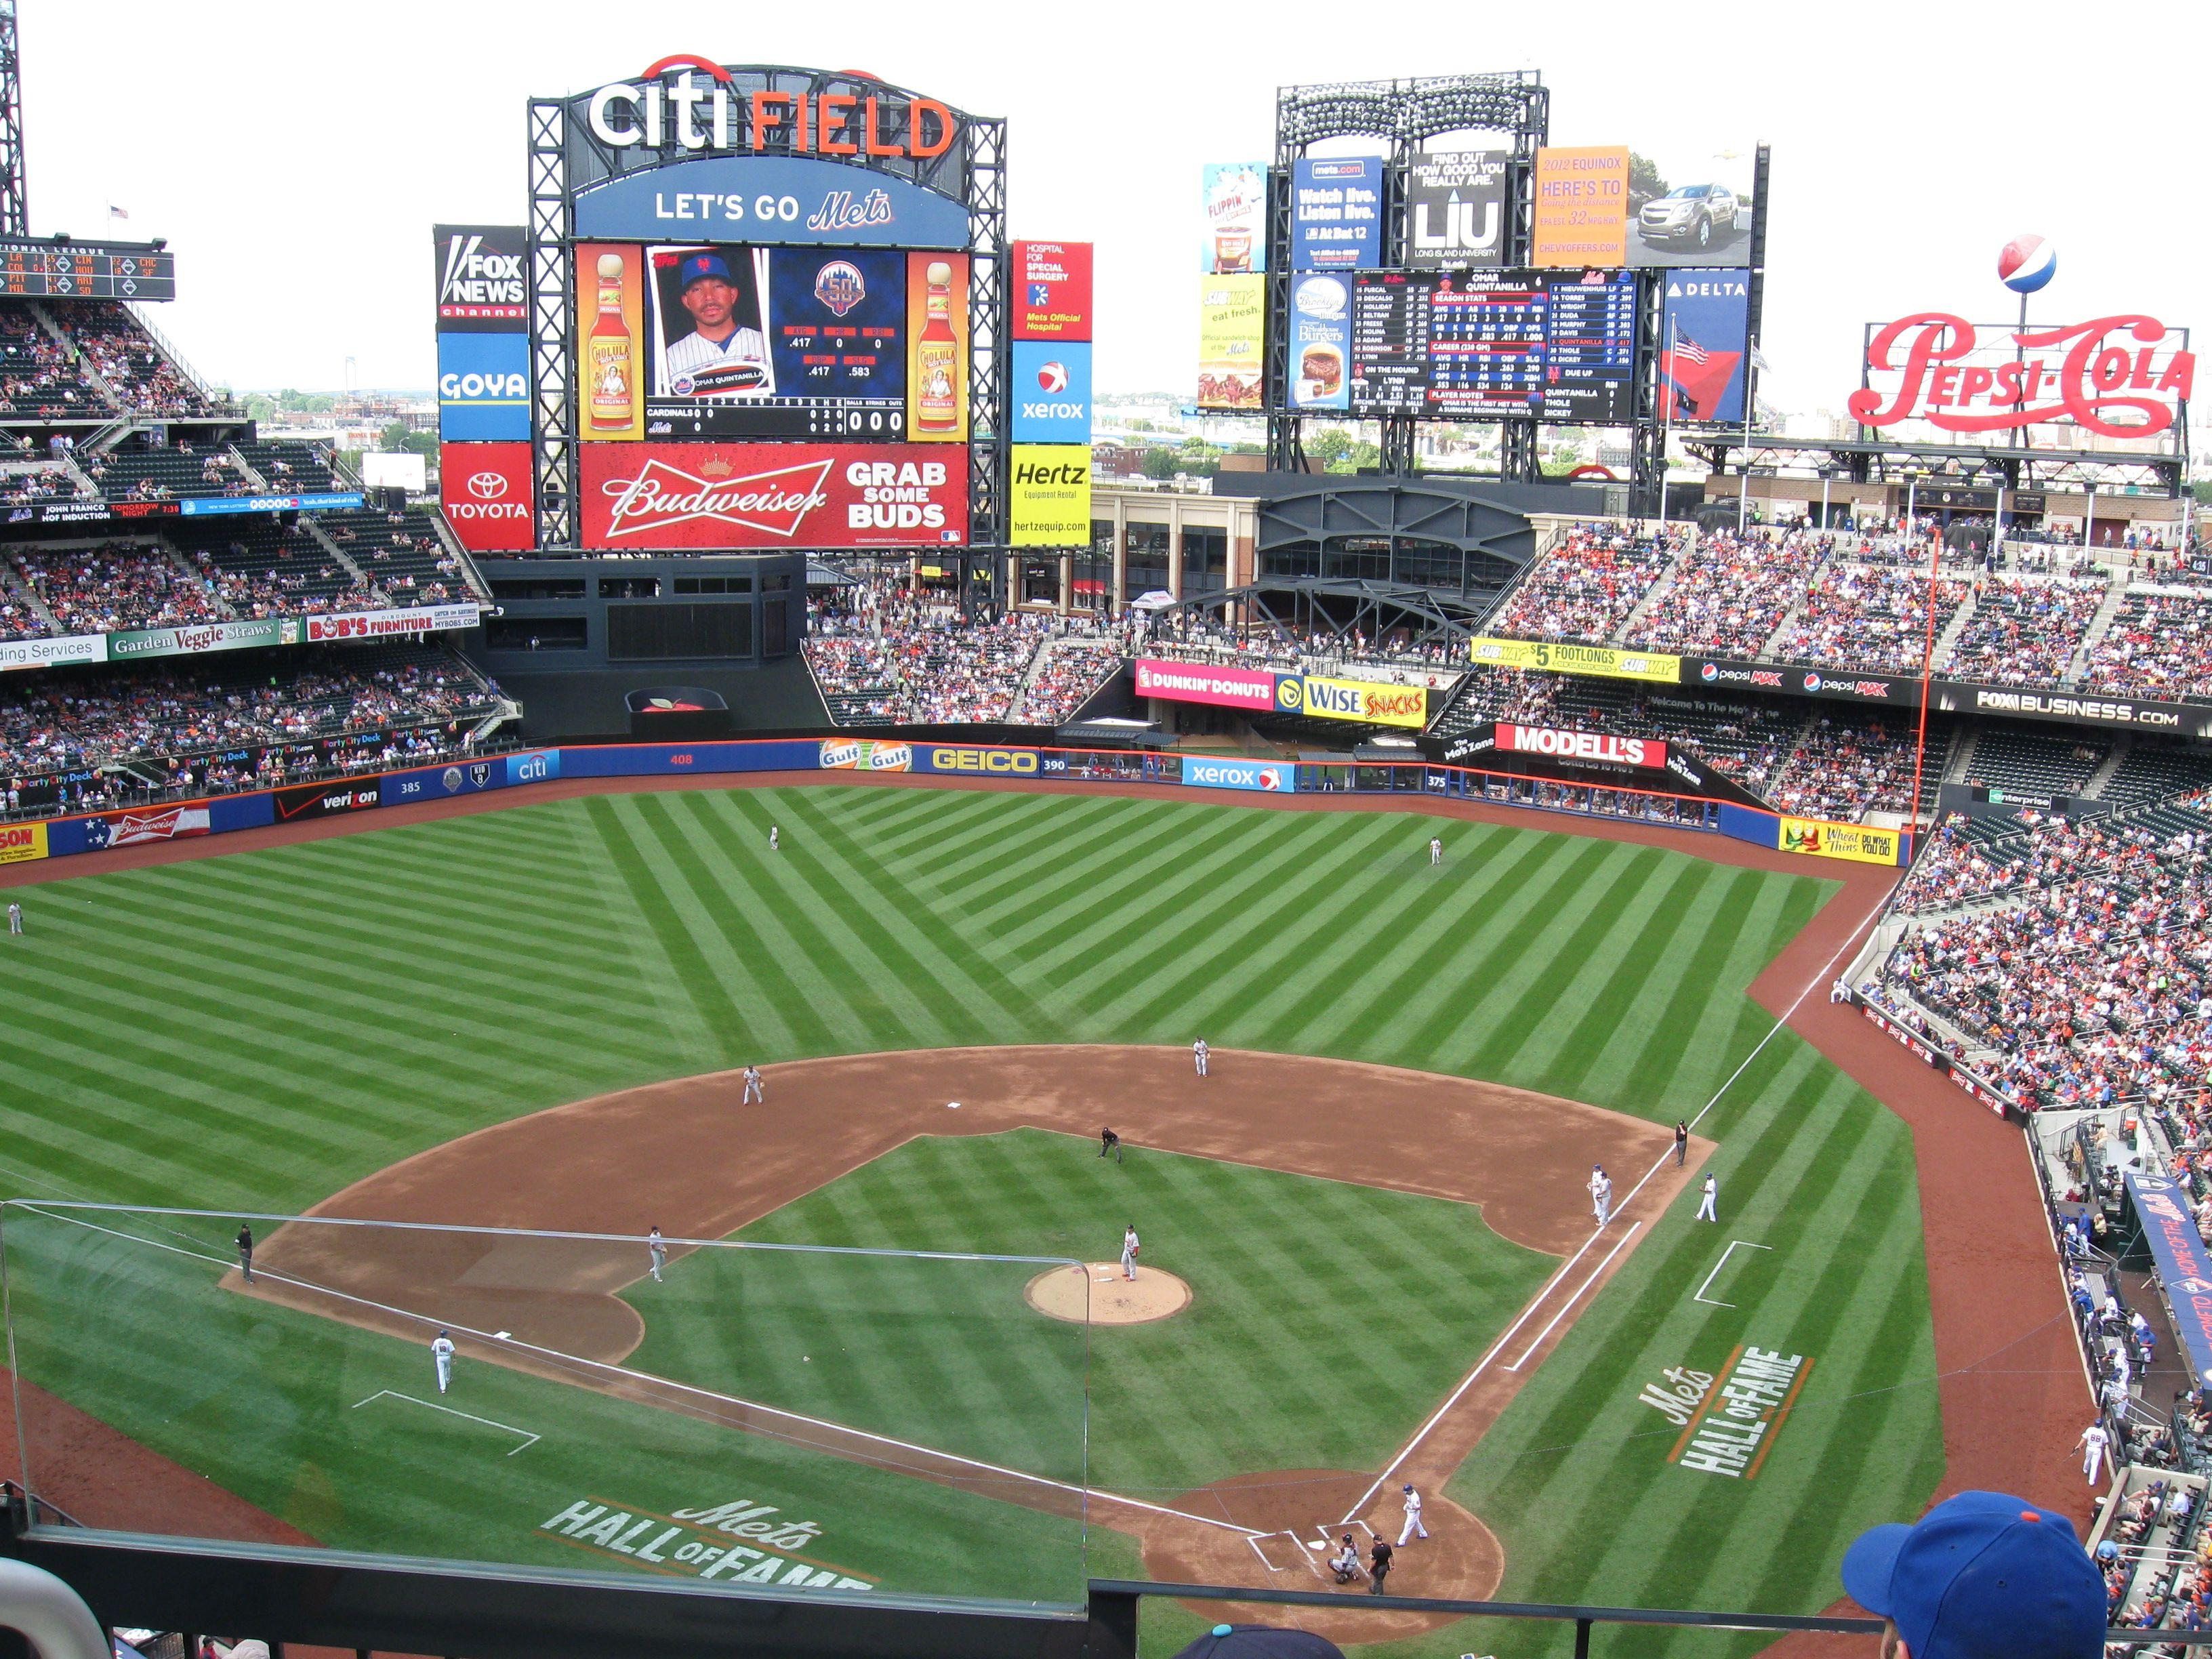 Un juego de Grandes Ligas de Béisbol entre los Mets de Nueva York y los Cardenales de San Luis en el Citi Field, 2 de junio de 2012 .